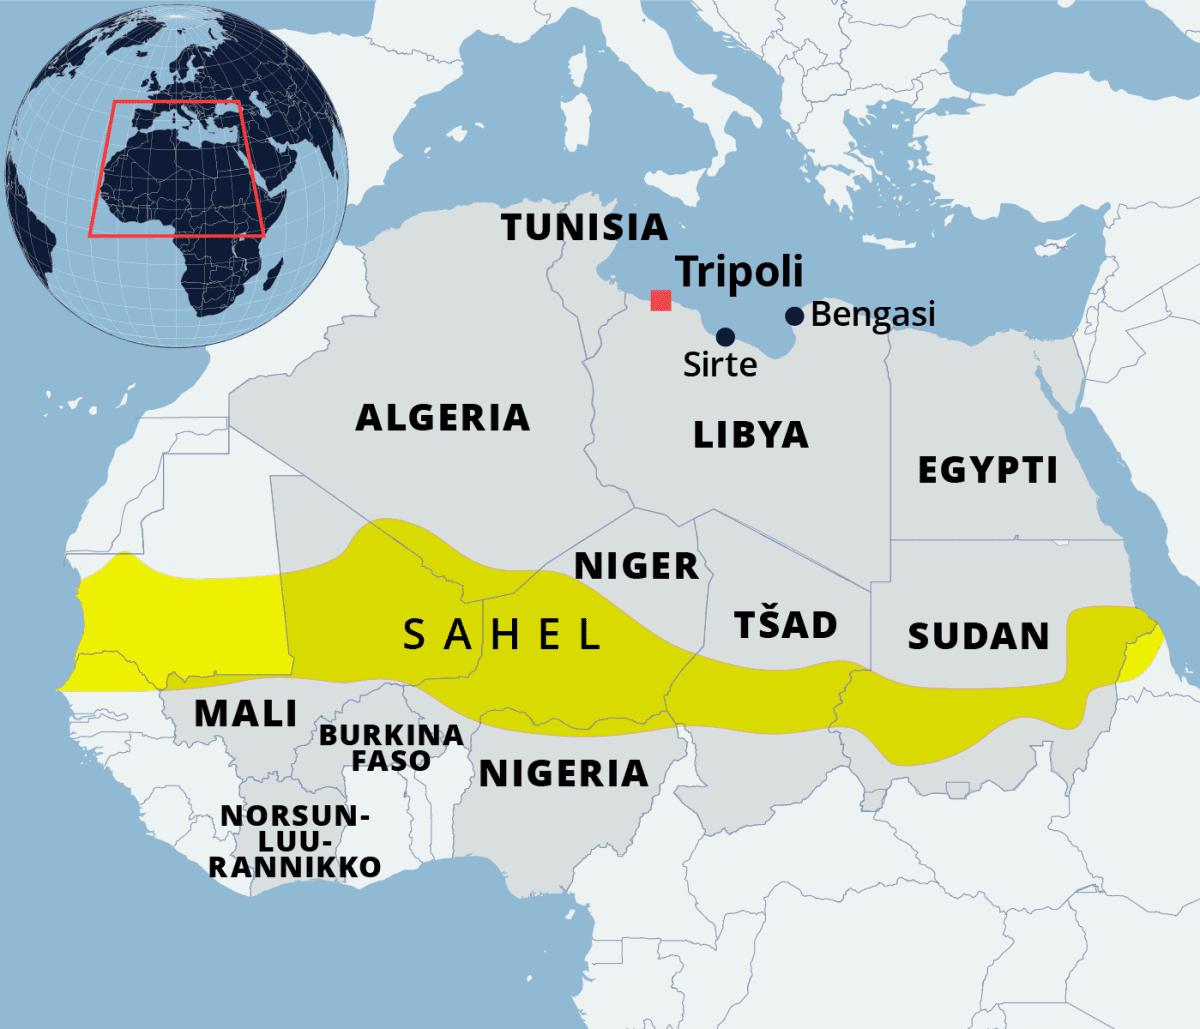 Kartalla Pohjois-Afrikan valtioita ja Sahelin autiomaa.